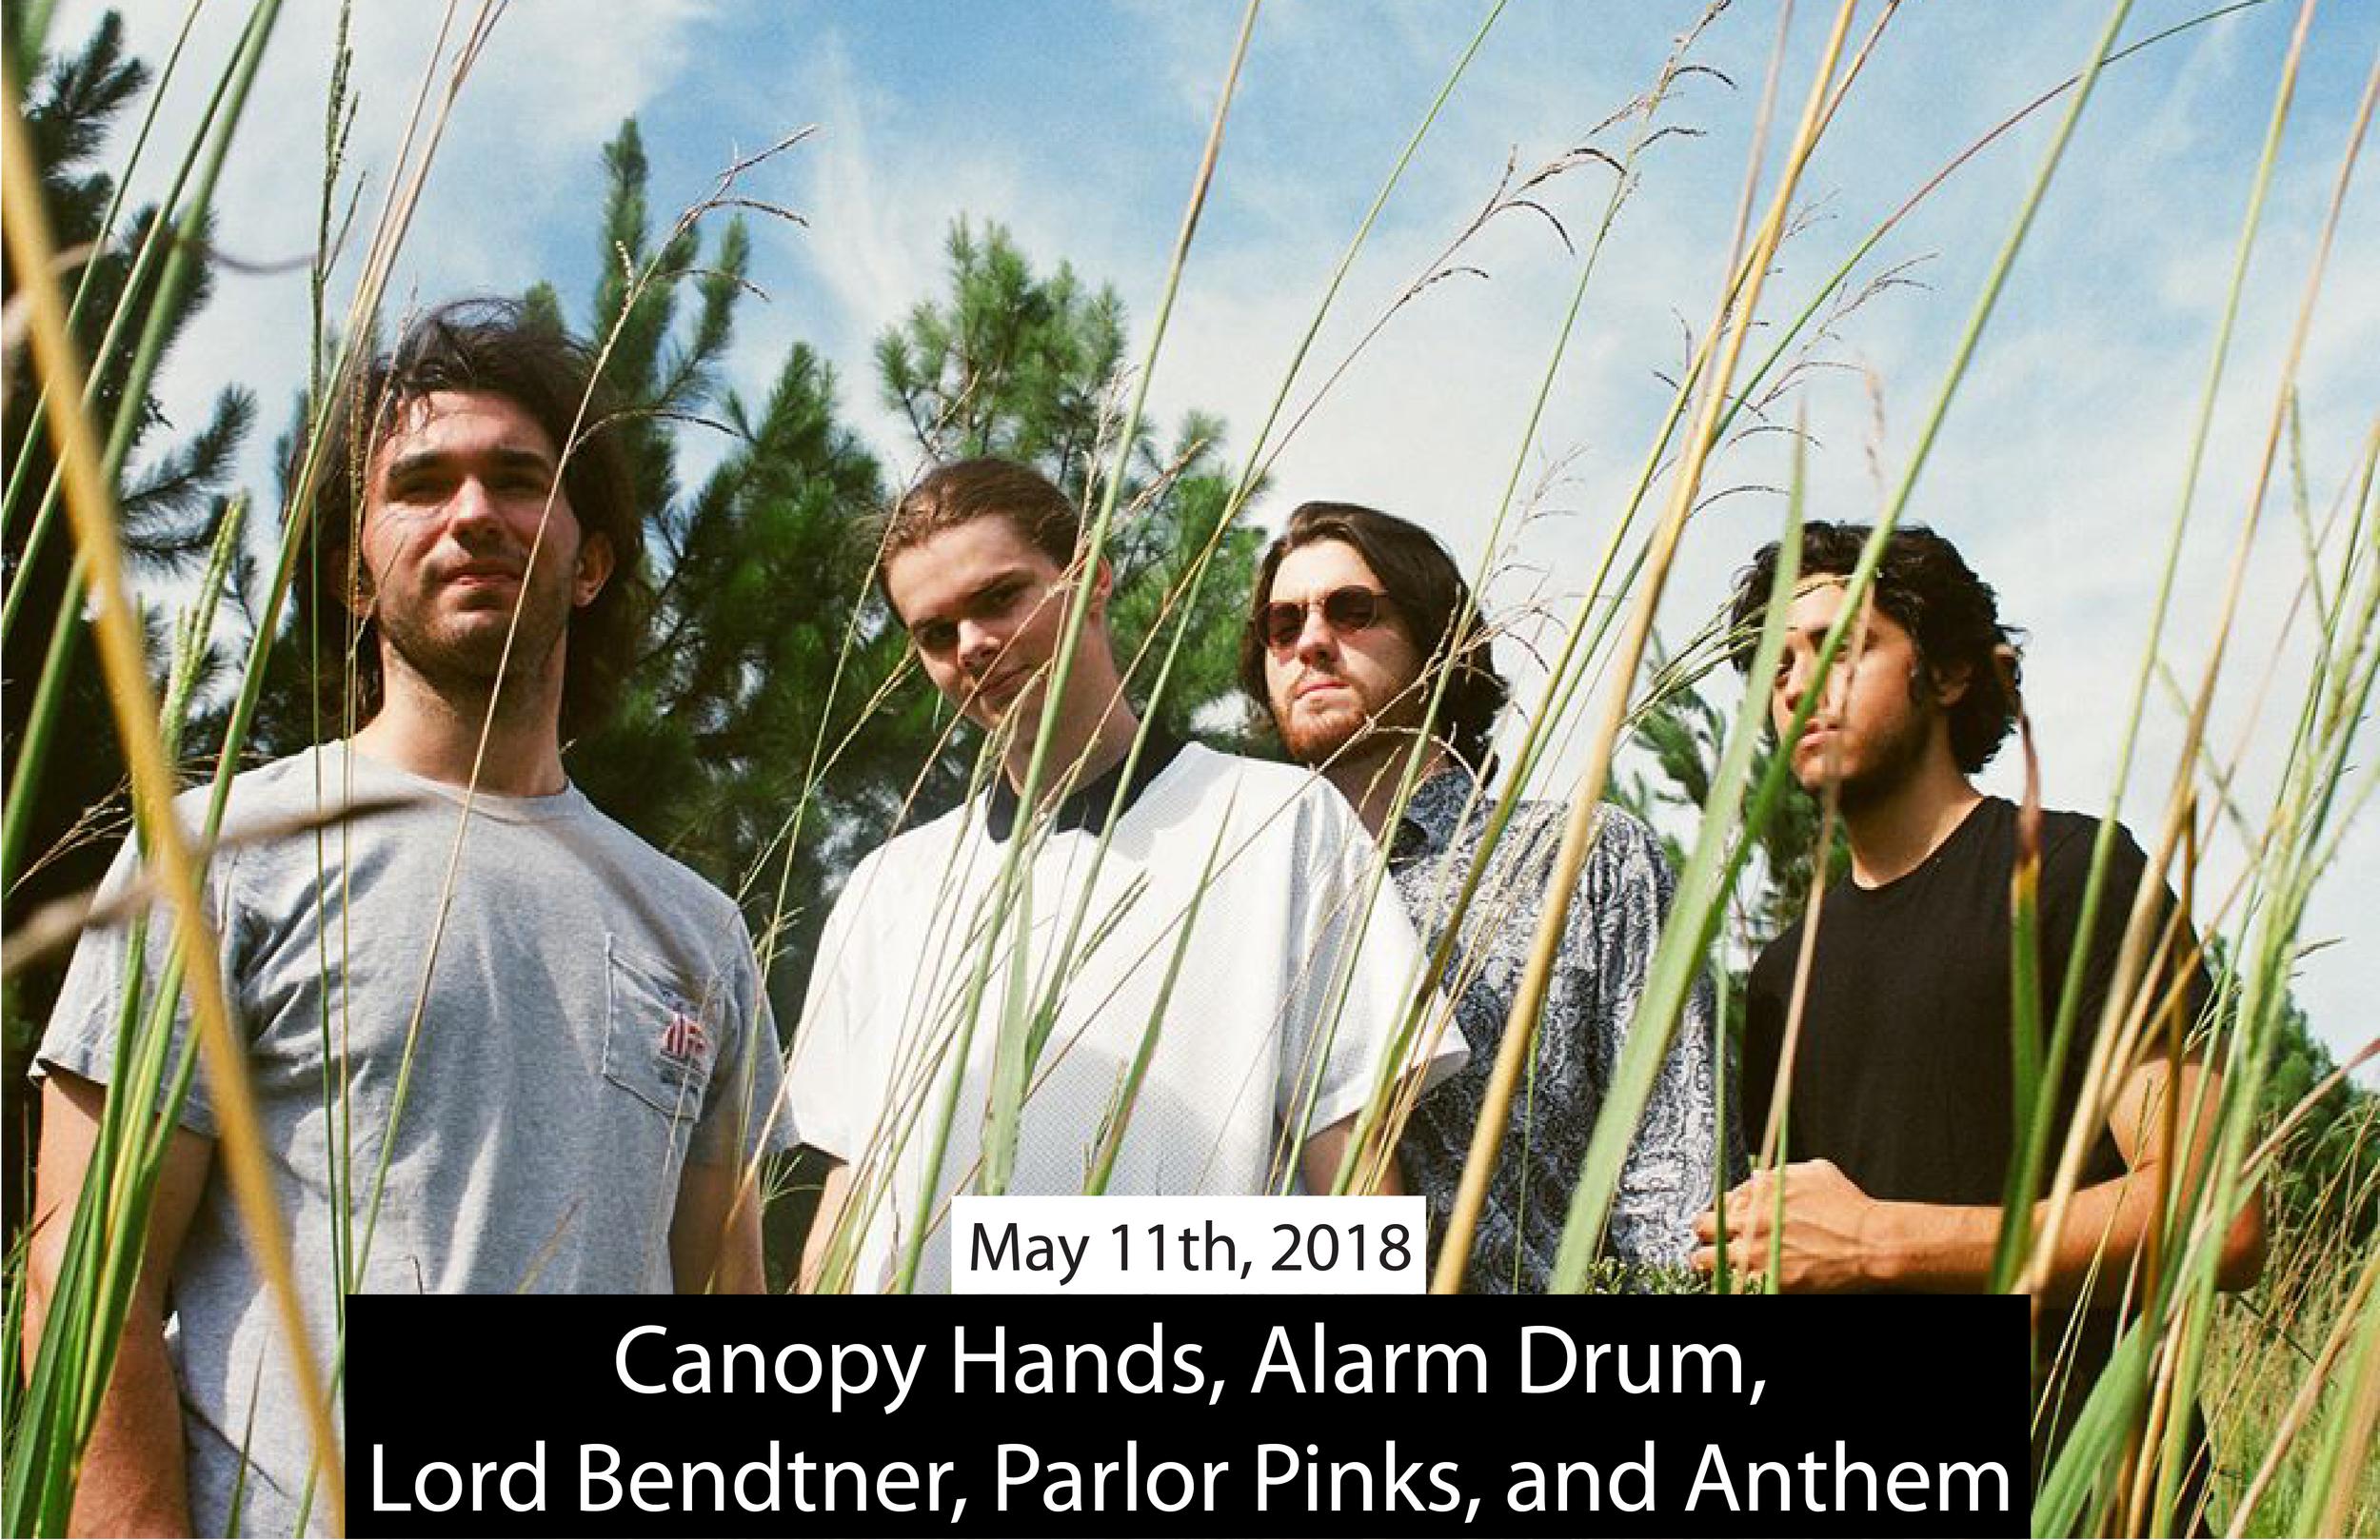 Canopy Hands 2018 BIG BIG BIG-01.png